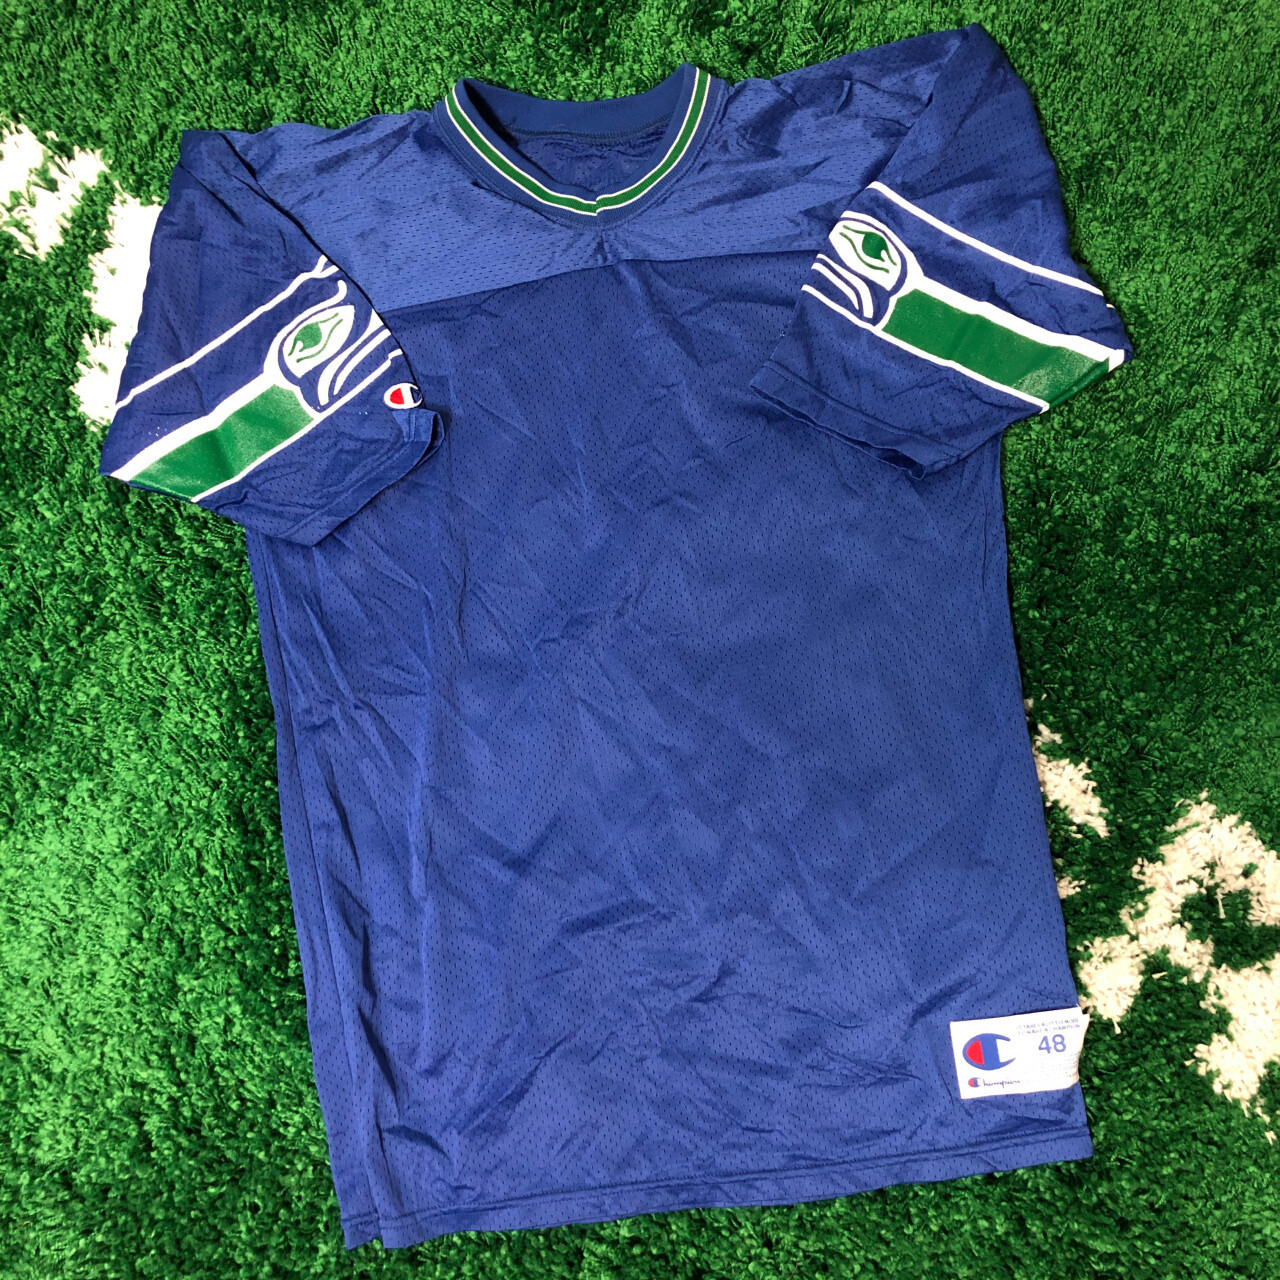 Seattle Seahawks Champion Jersey Blank 90's Size XL